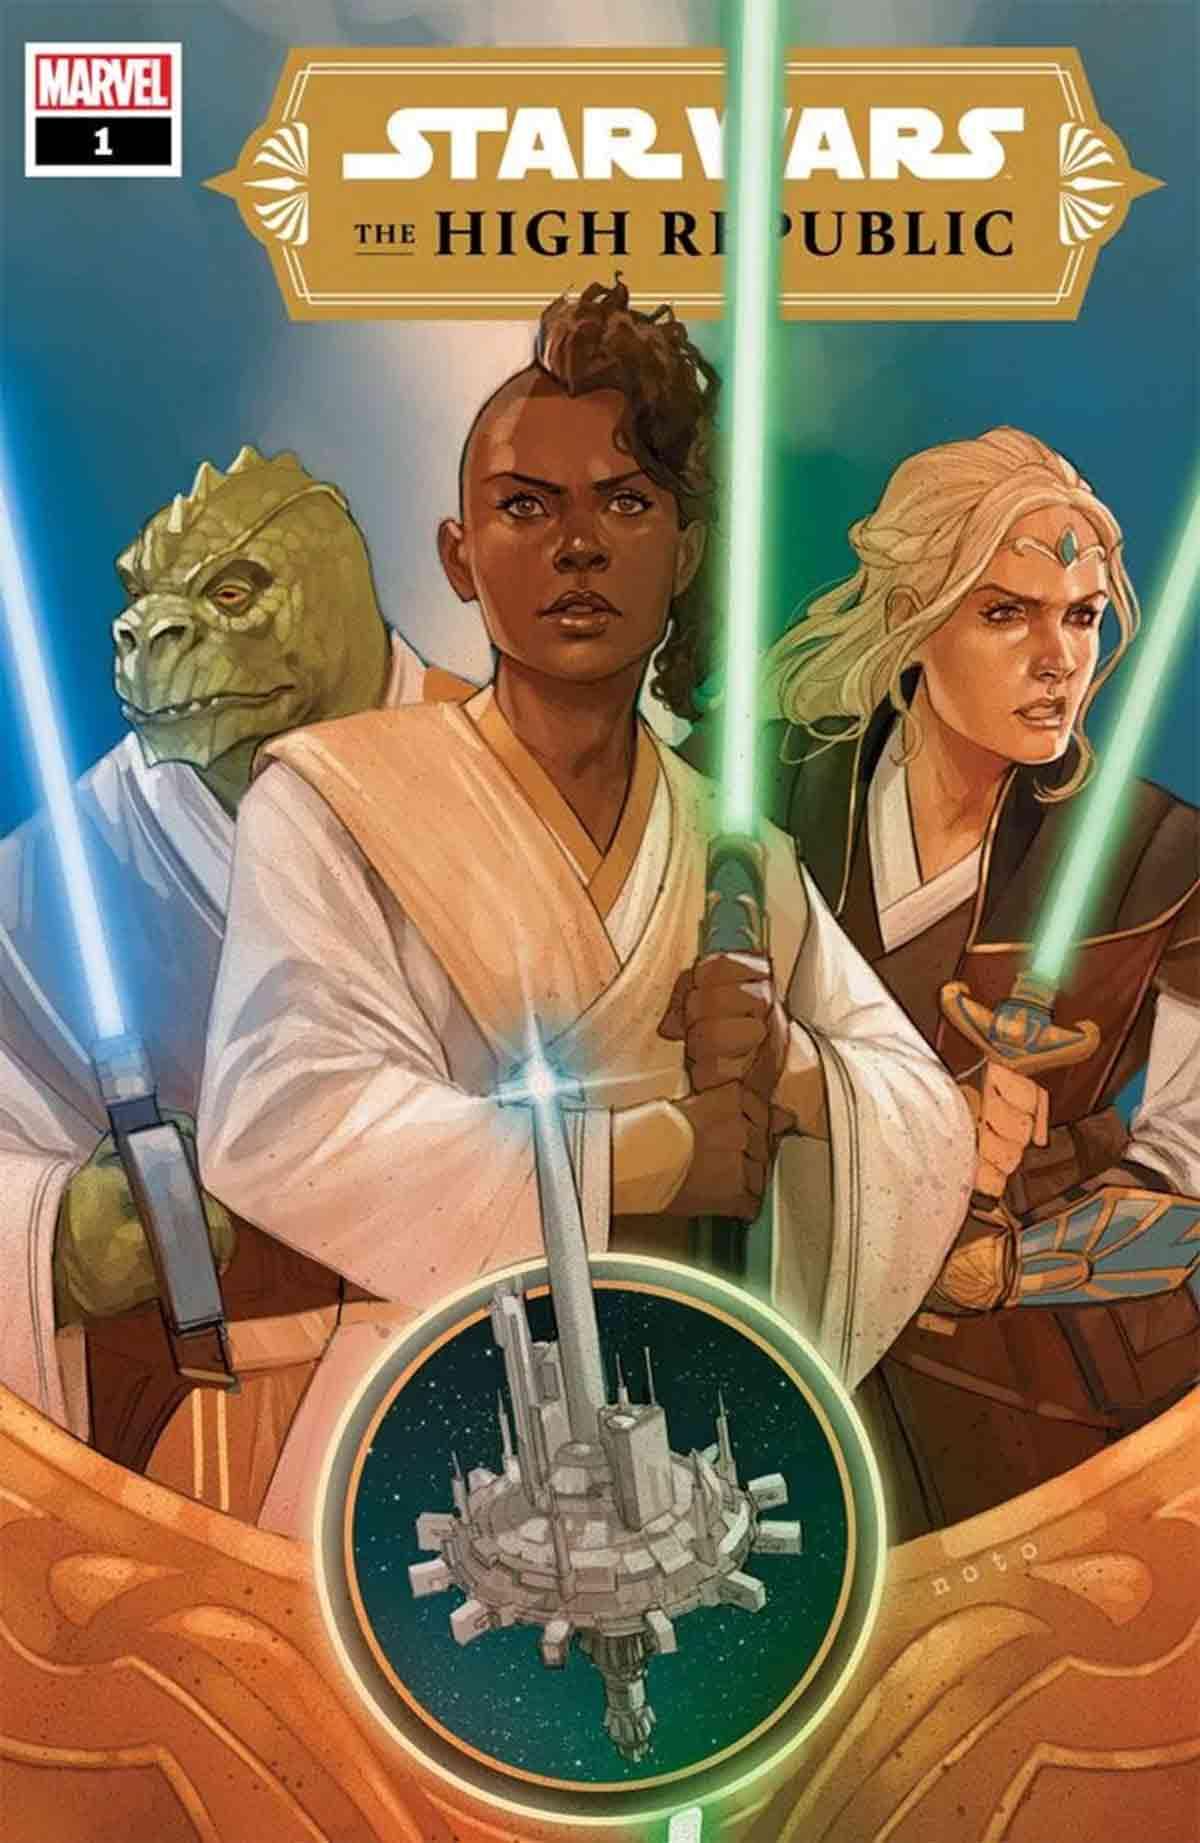 Star Wars comparte imágenes del primer cómic de la Alta República